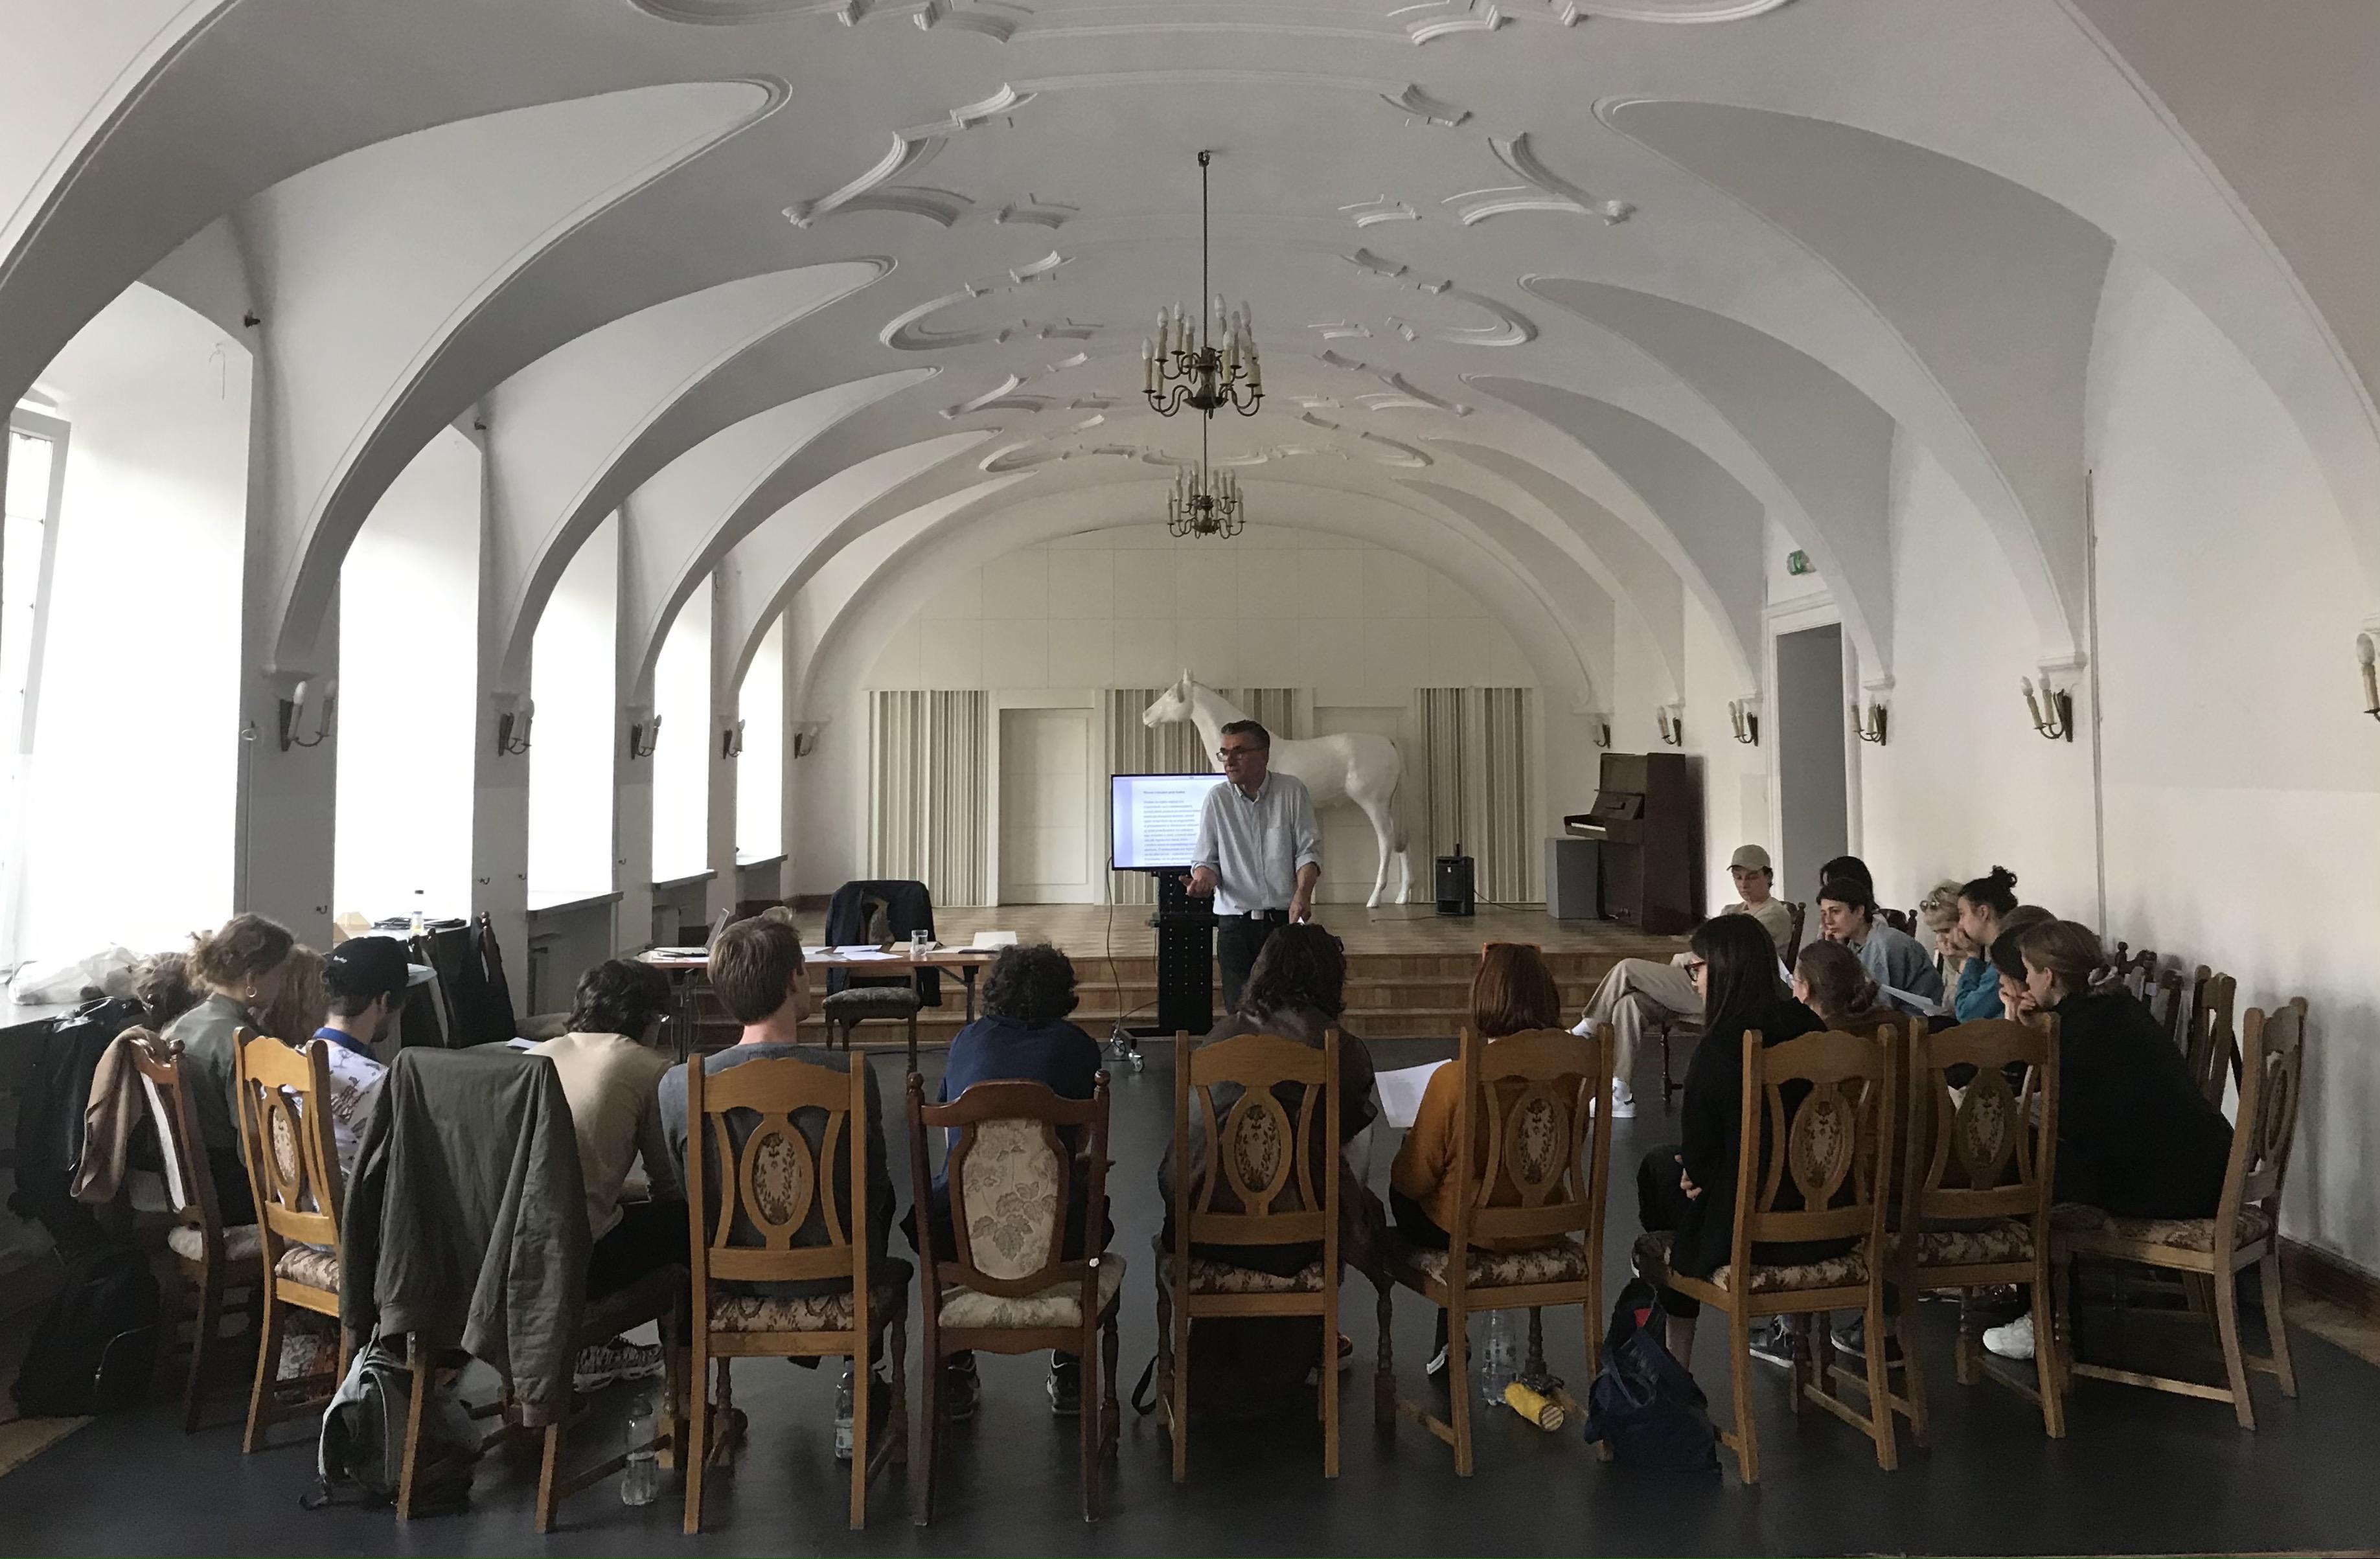 Na środku przestronnej ijasnej sali, stoi mężczyzna wśrednim wieku zkartką, któryprzemawia. Zanim telewizor zwyświetlonym tekstem. Słuchają go, siedzący przednim, młodzi ludzie.